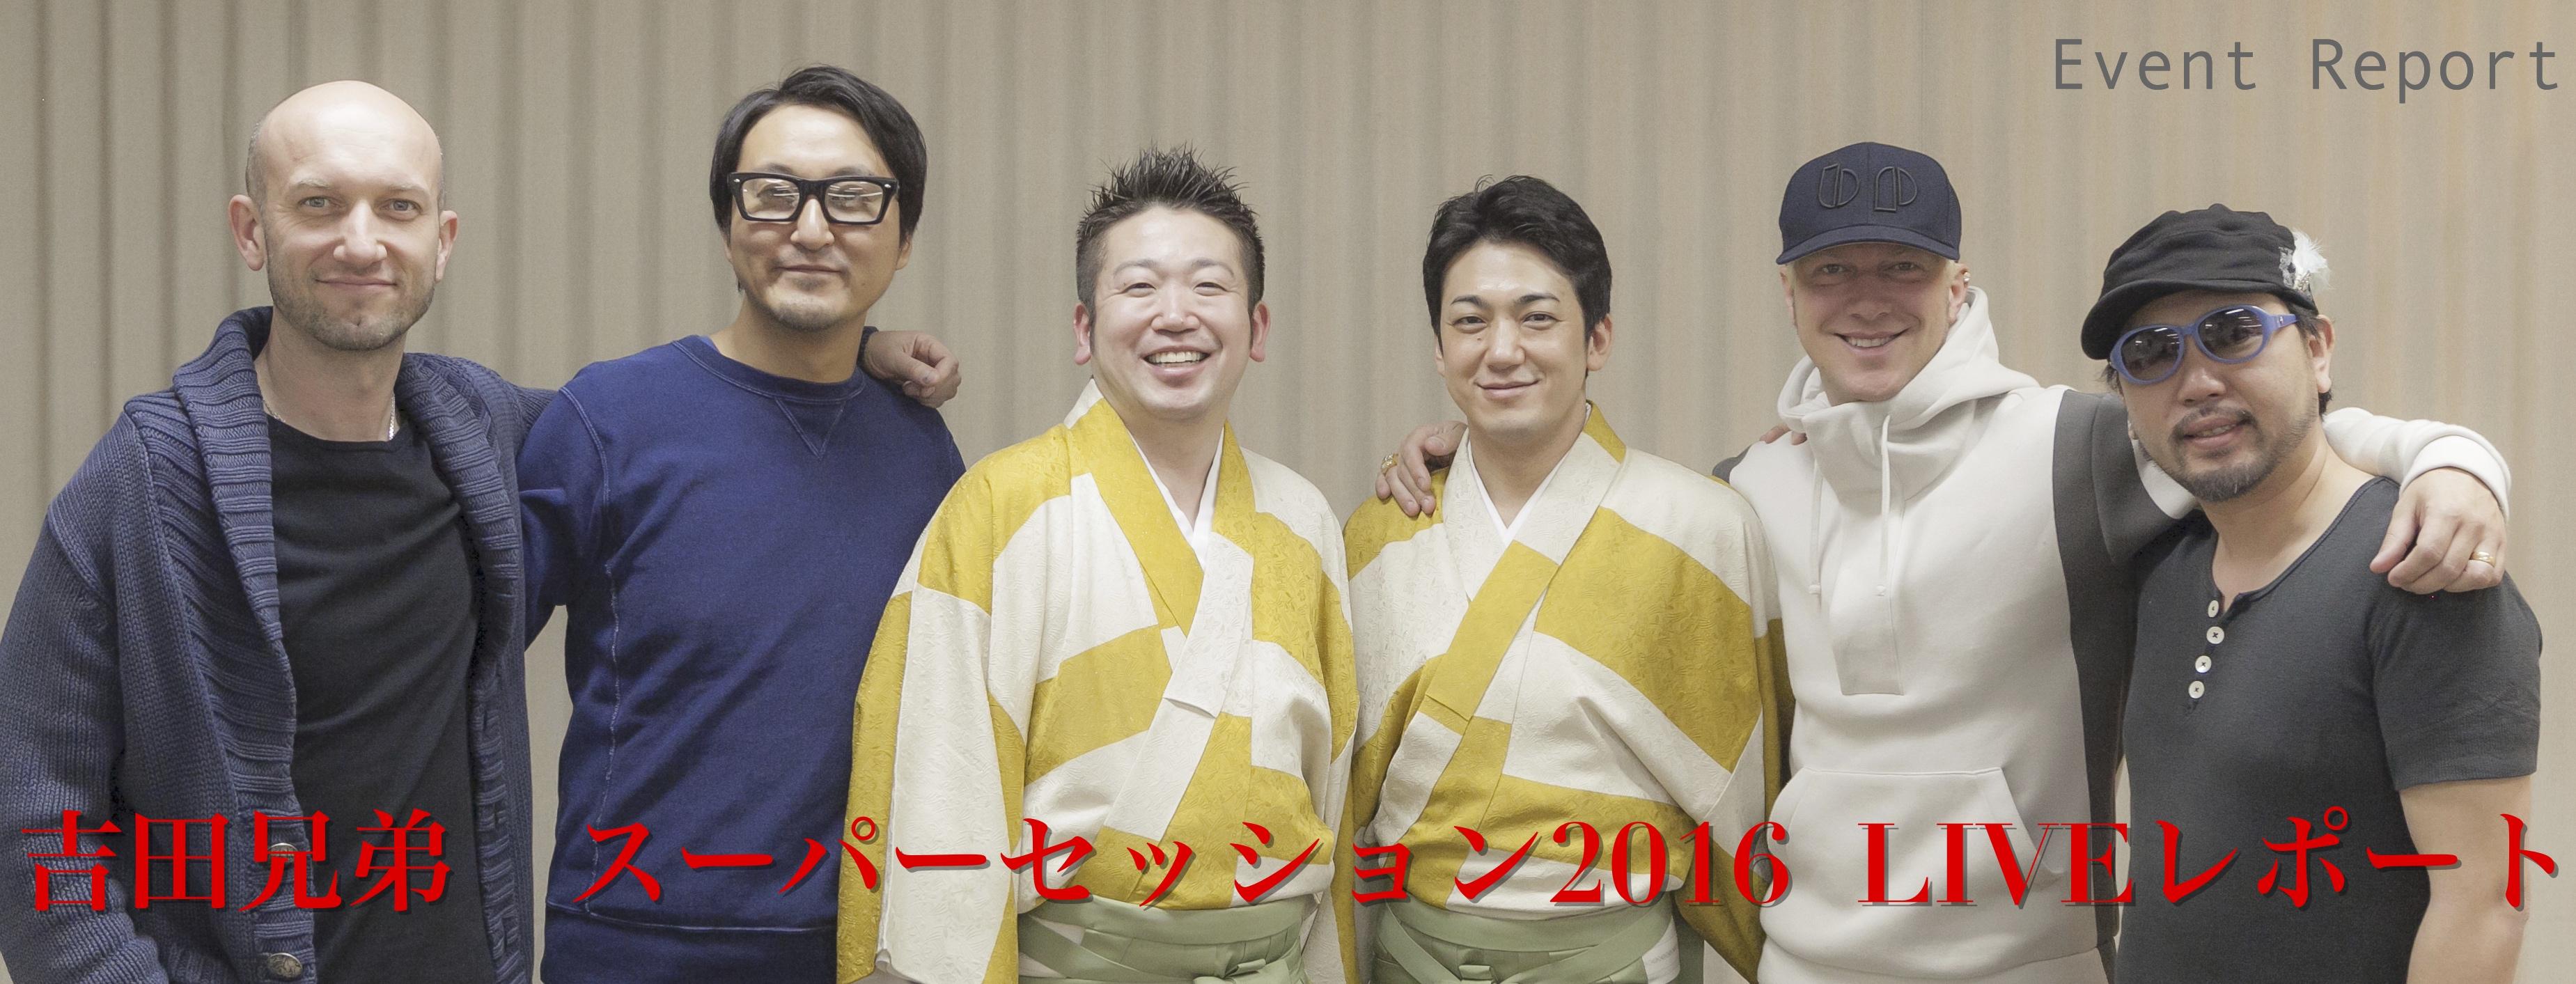 吉田兄弟 スーパーセッション2016  LIVEレポート